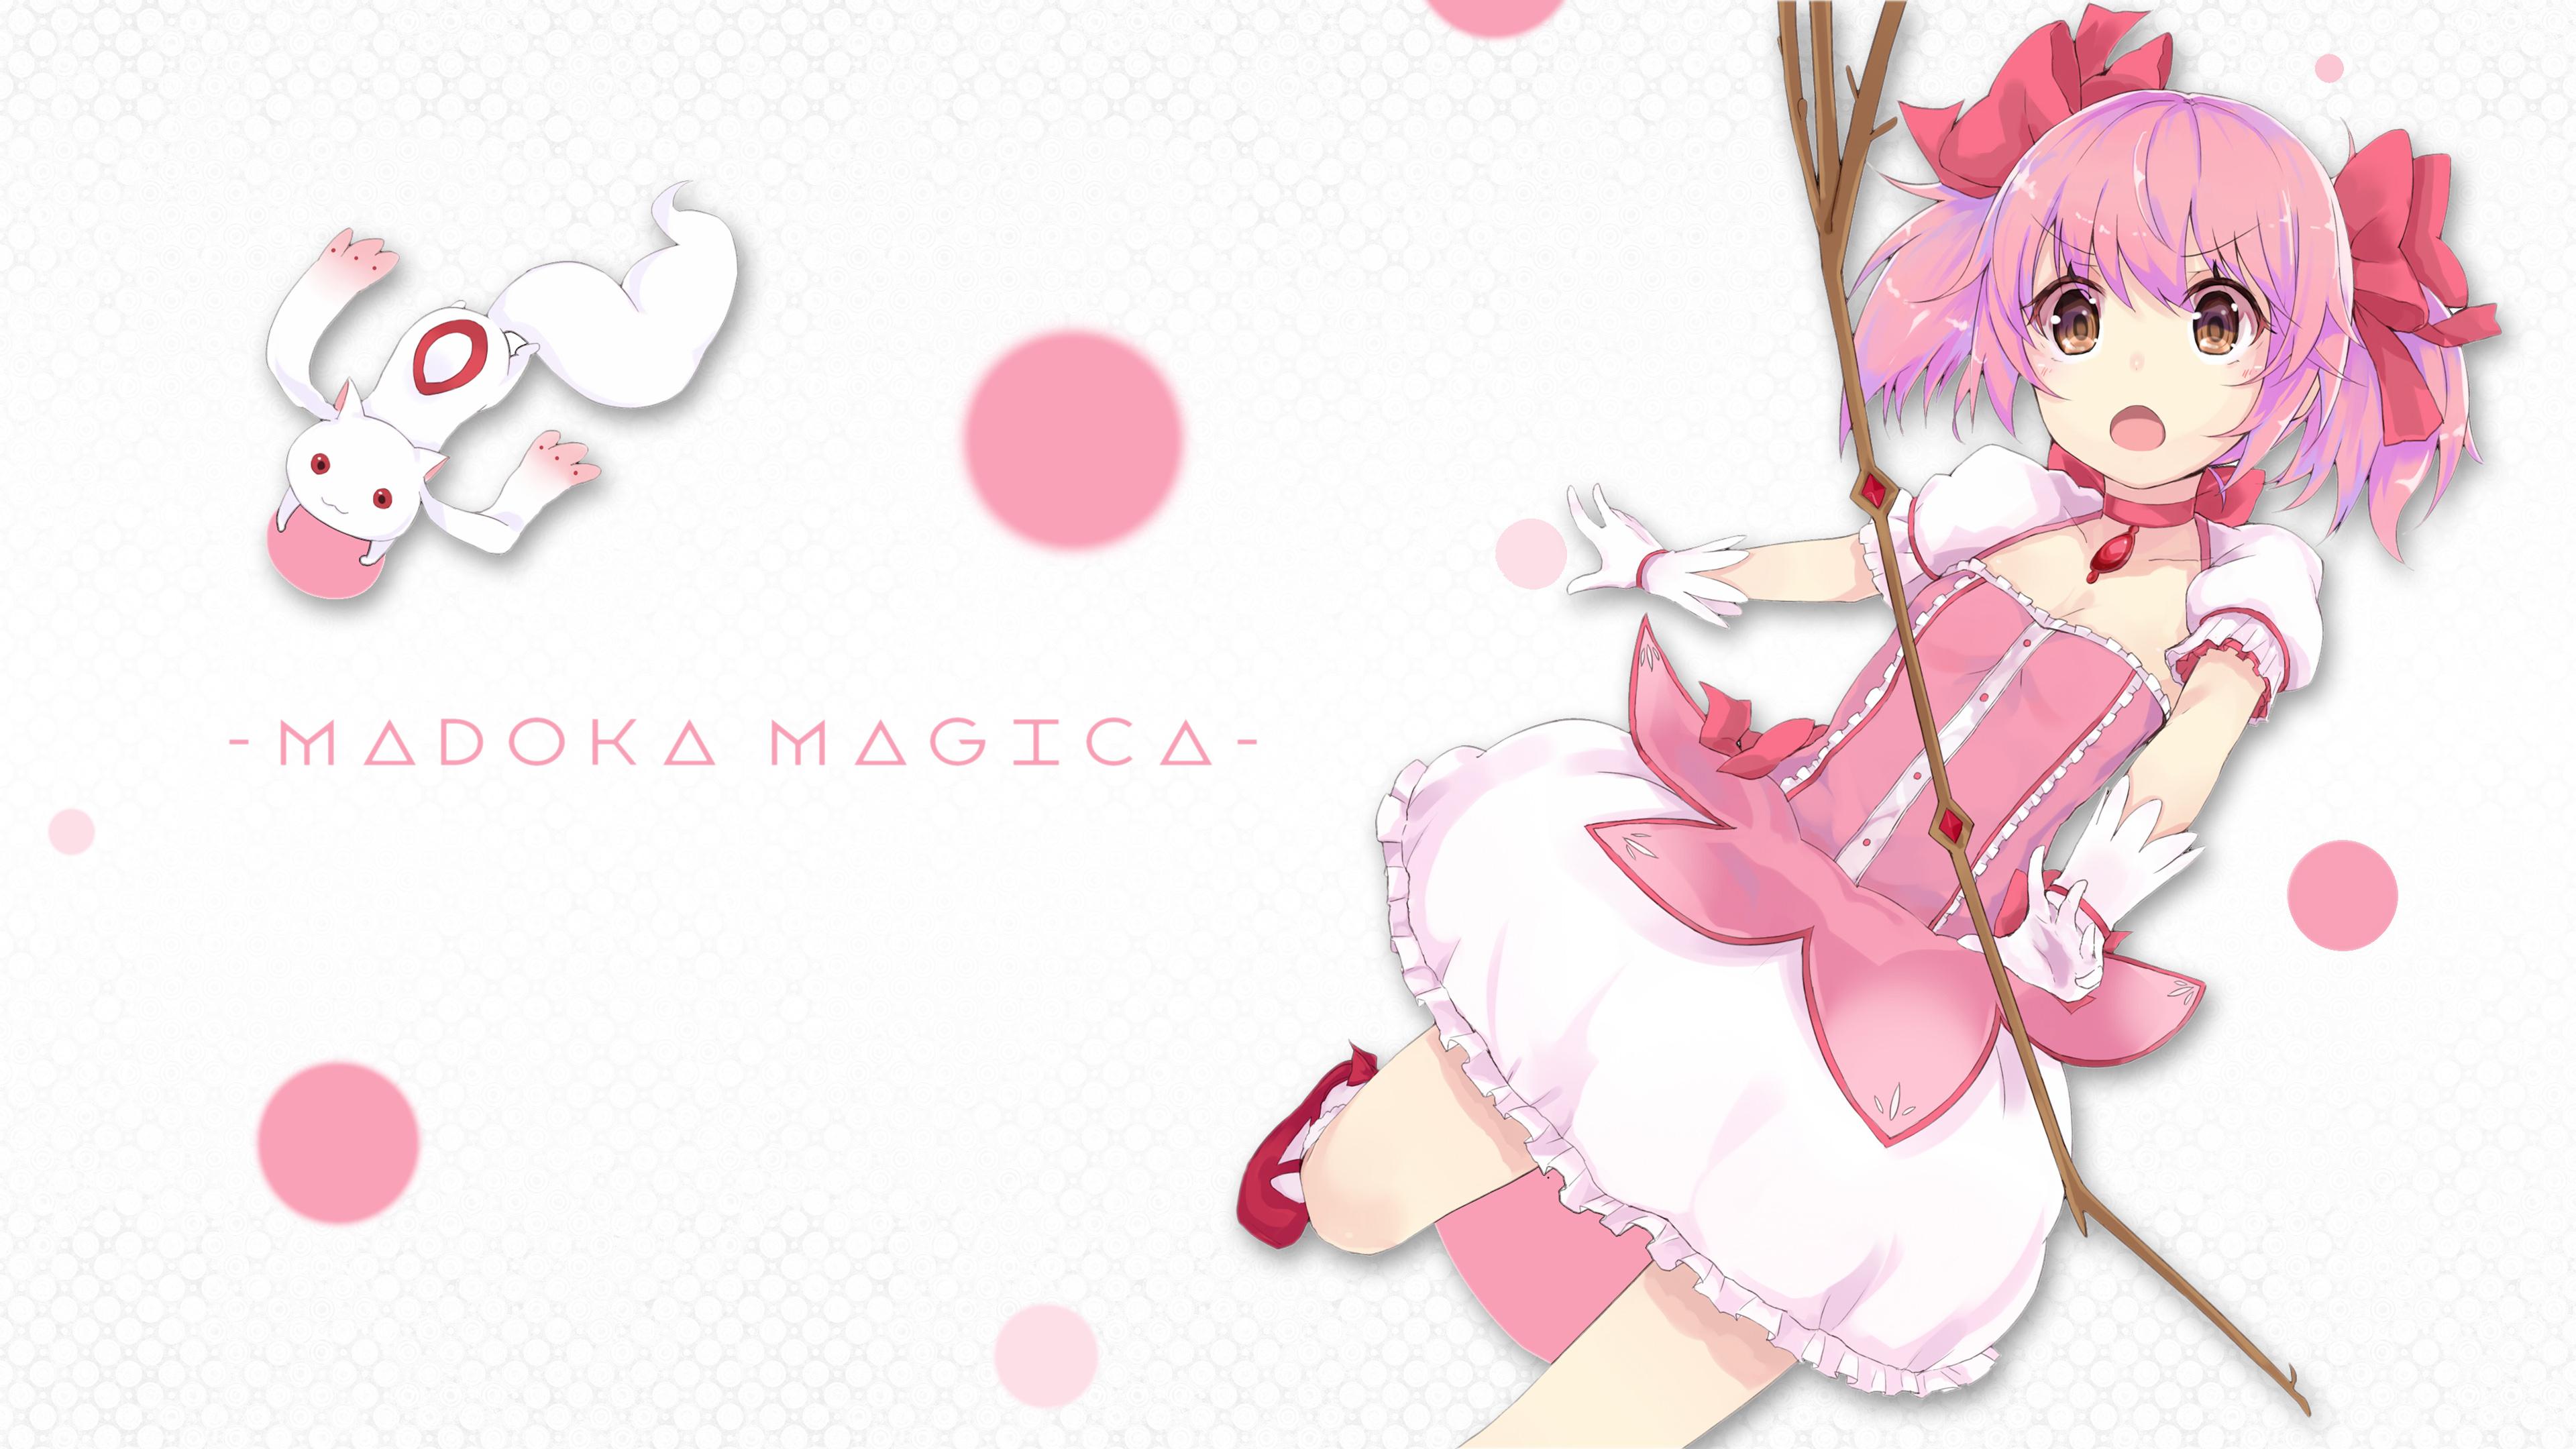 魔法少女まどか マギカ 壁紙 04 魔法少女まどか マギカ アニメ壁紙